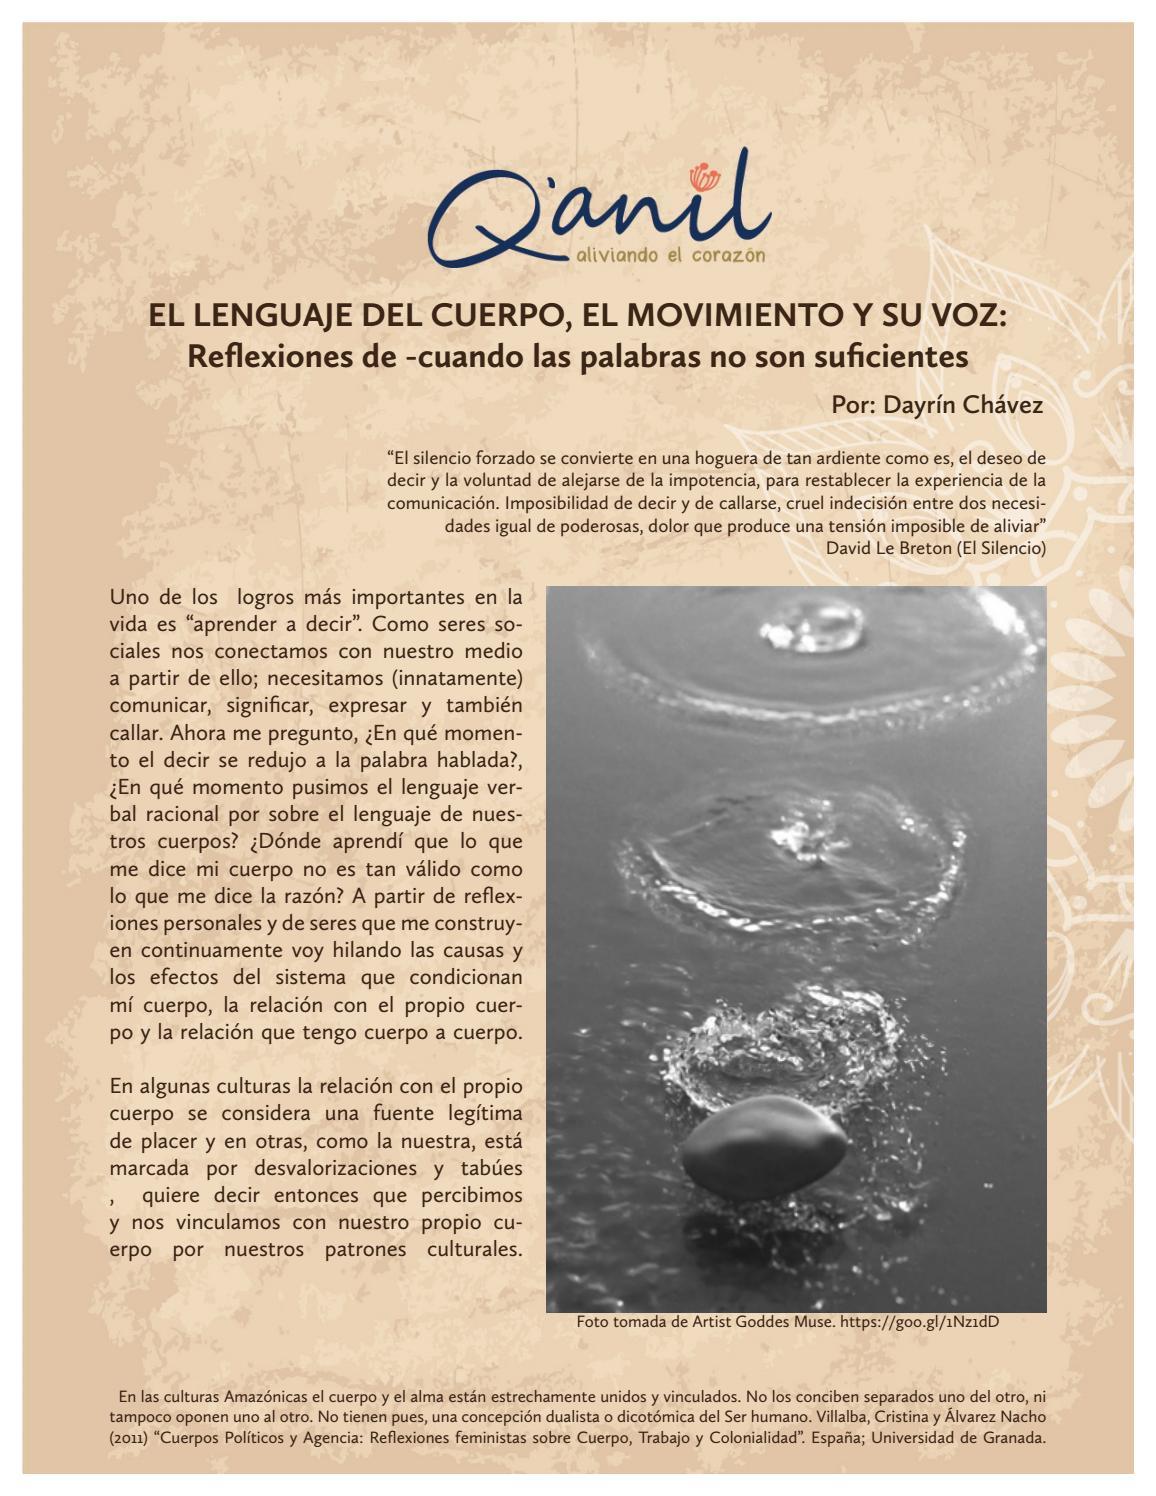 EL LENGUAJE DEL CUERPO, EL MOVIMIENTO Y SU VOZ by Centro Q\'anil - issuu